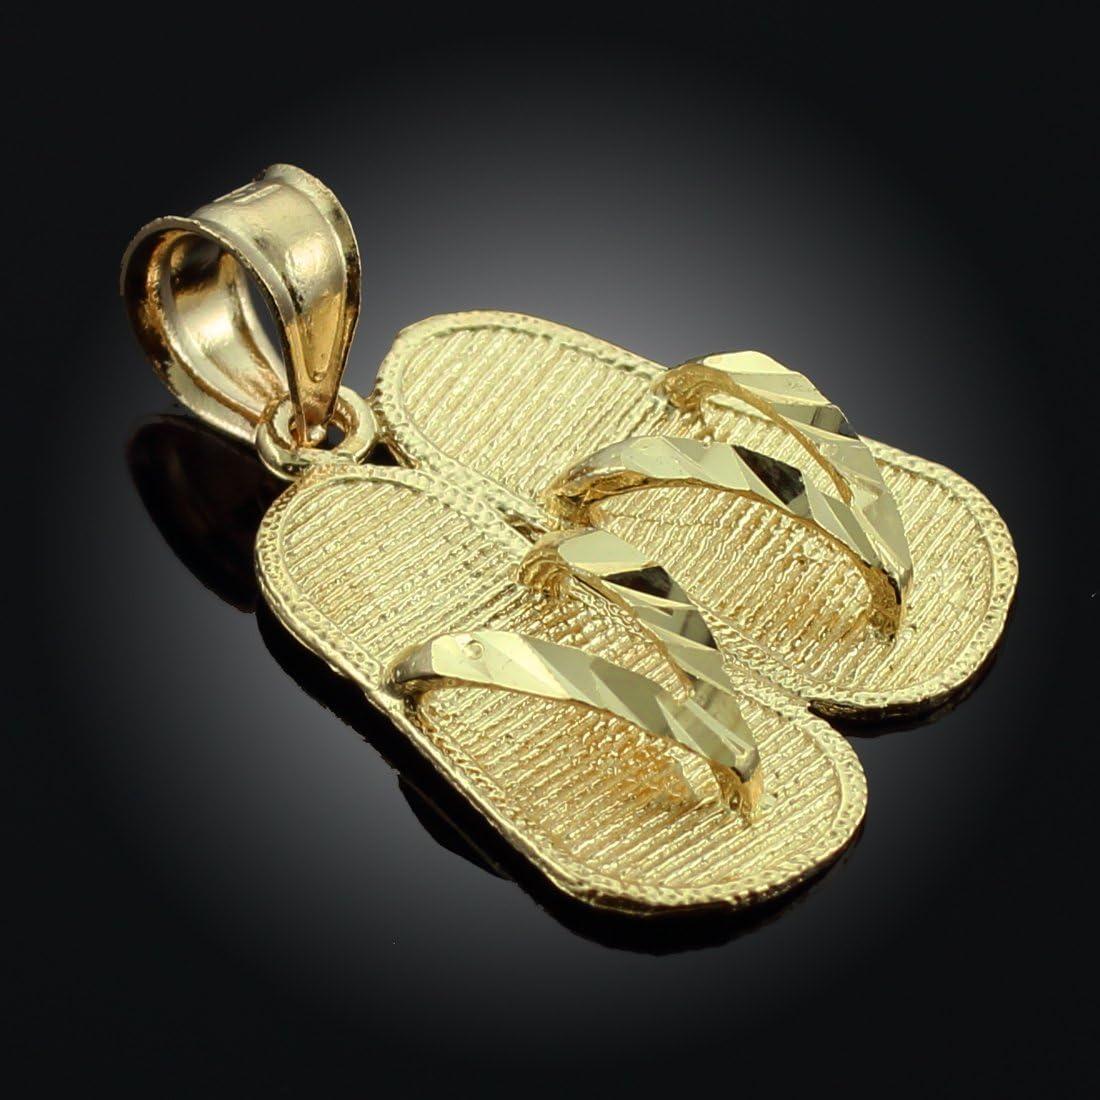 Solid 14k Yellow Gold Key West Flip Flop Sandals Charm Souvenir Pendant 18mm x 5mm